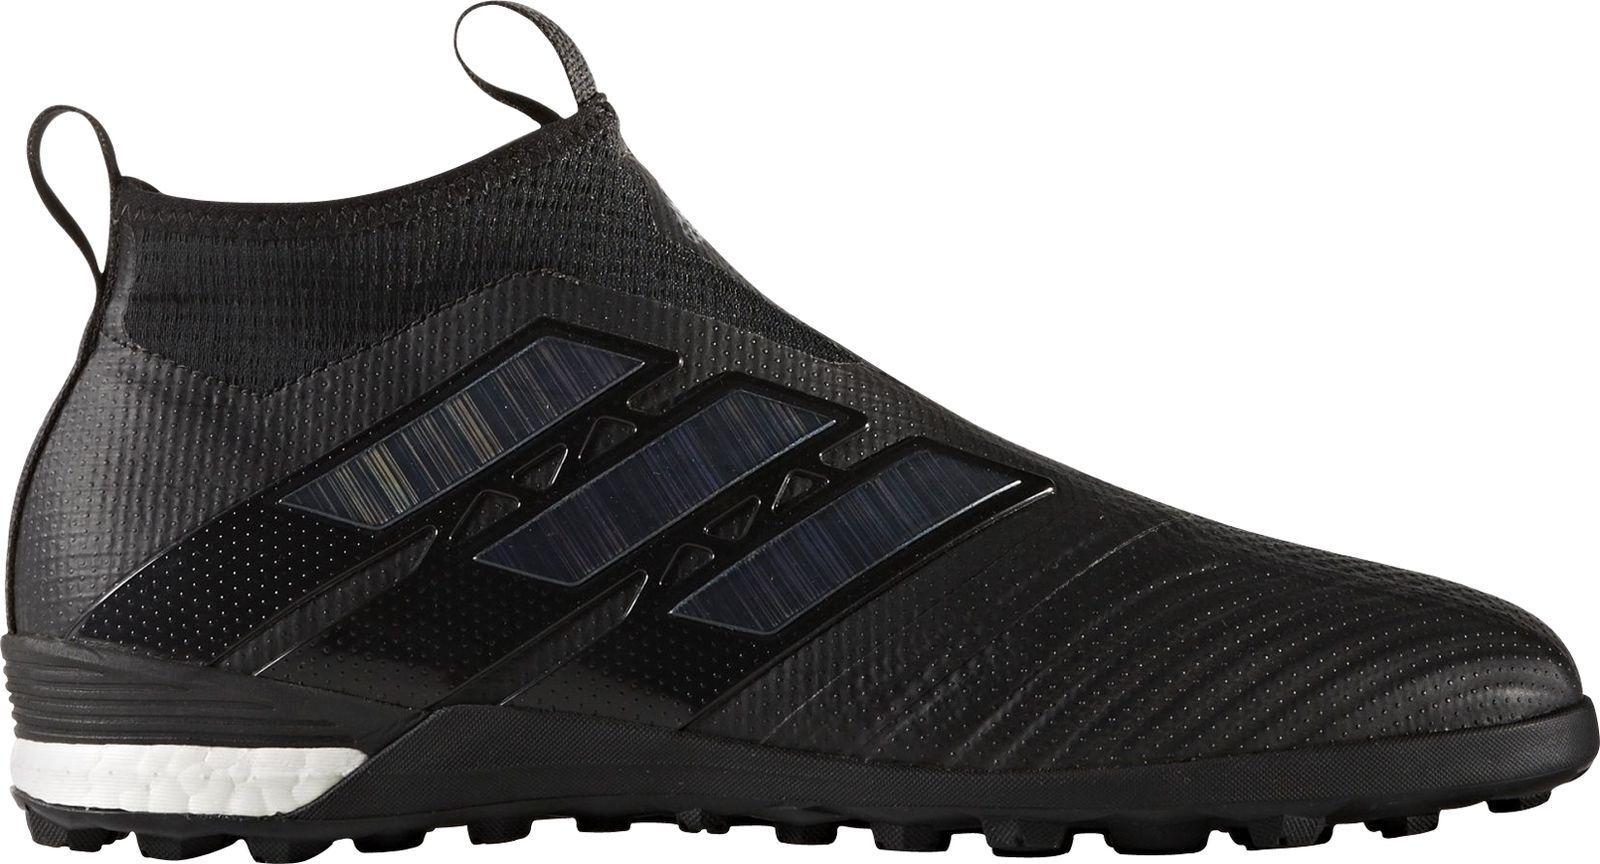 Adidas ACE Tango 17+ purecontrol Turf Tallas 7-10 Negro Rrp  Nuevo Y En Caja BY1942